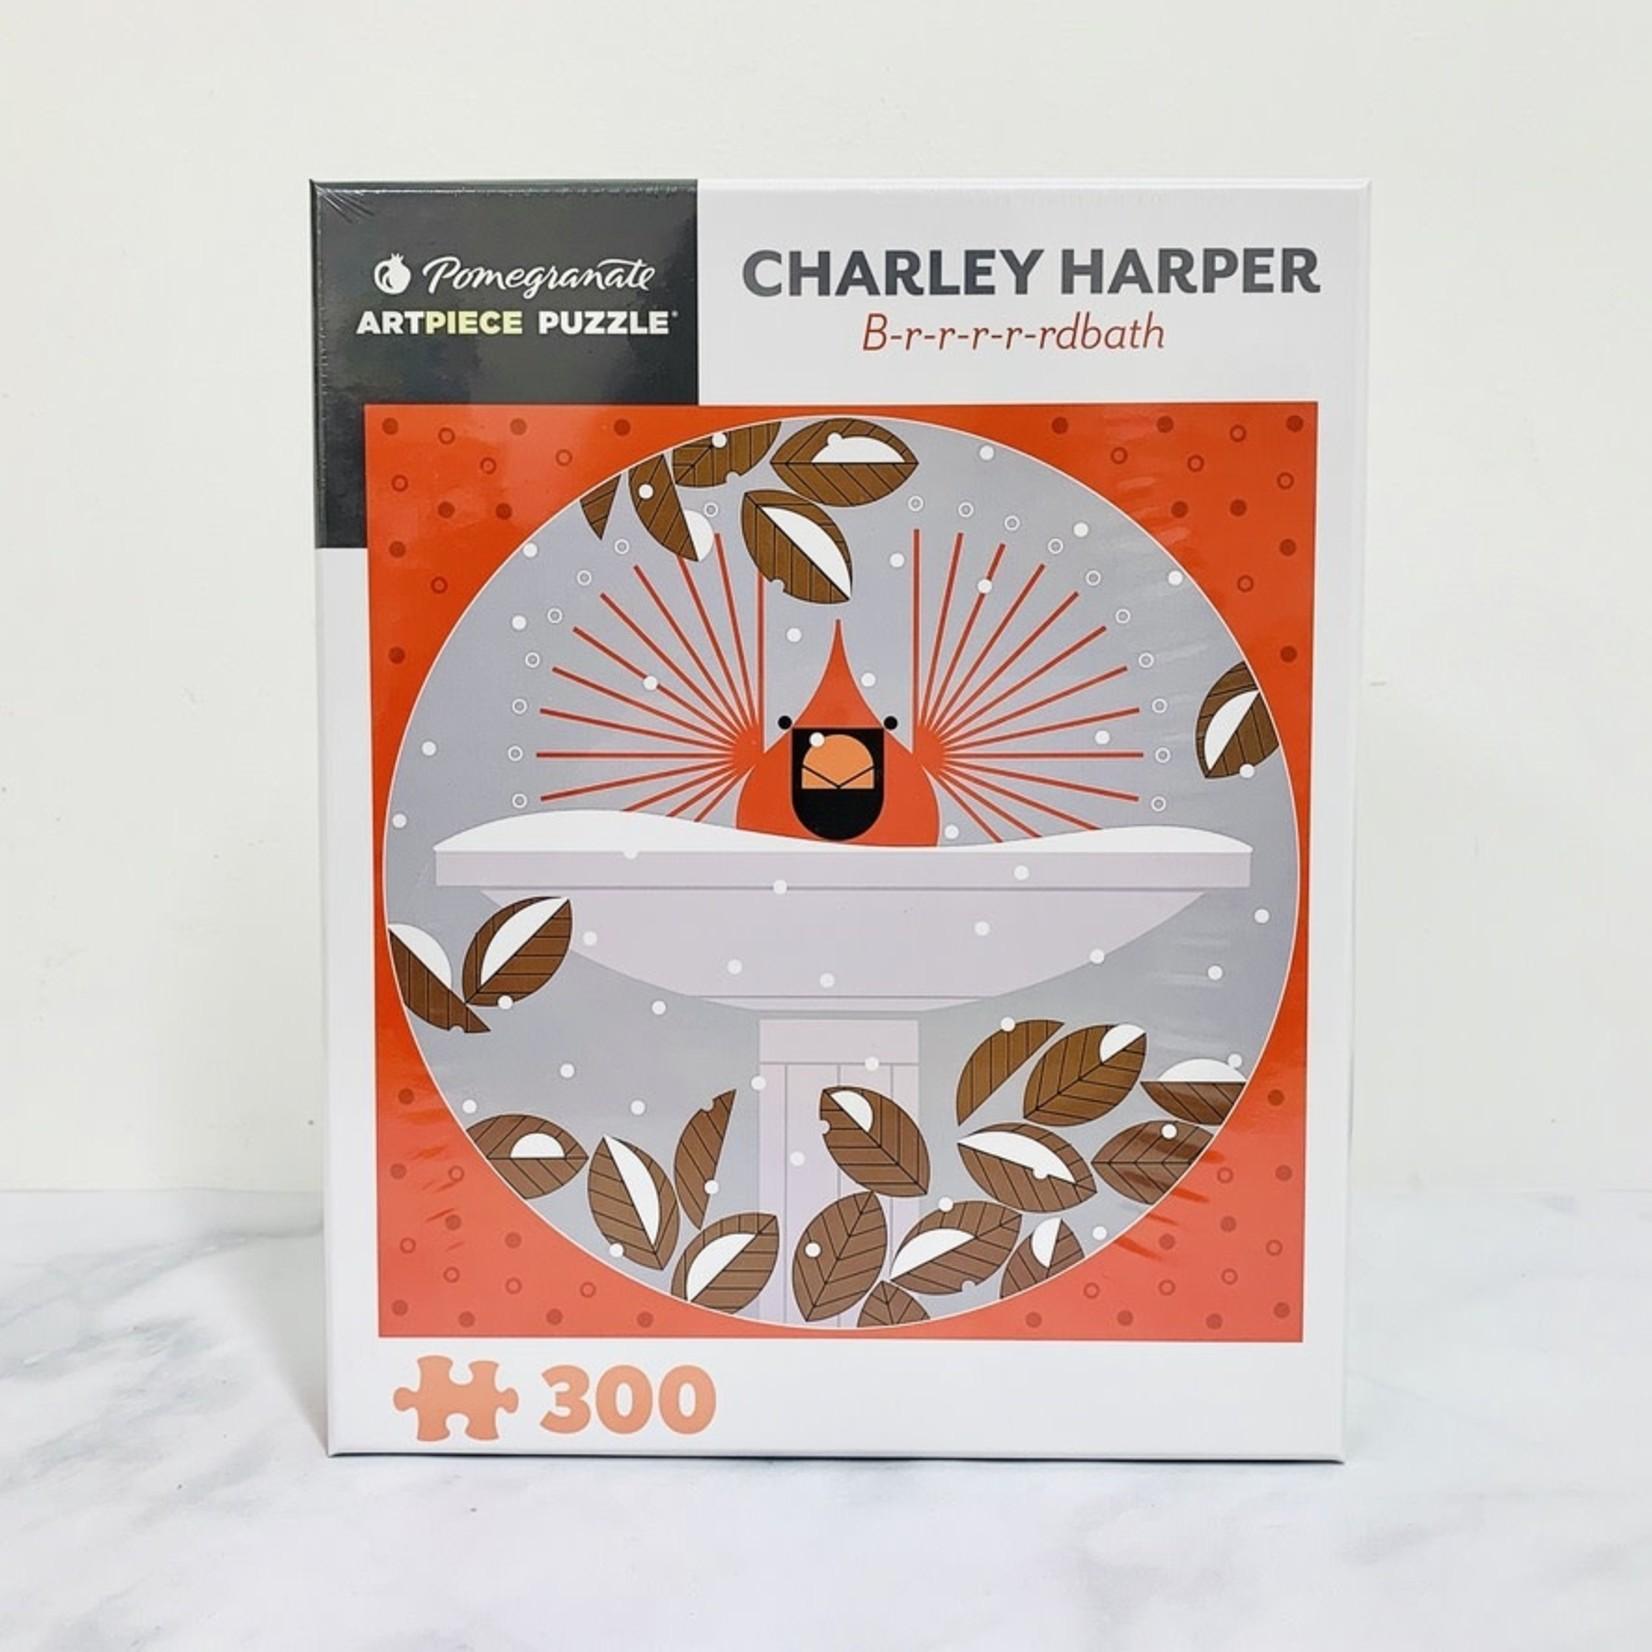 300-pc Charley Harper B-r-r-r-rdbath Puzzle